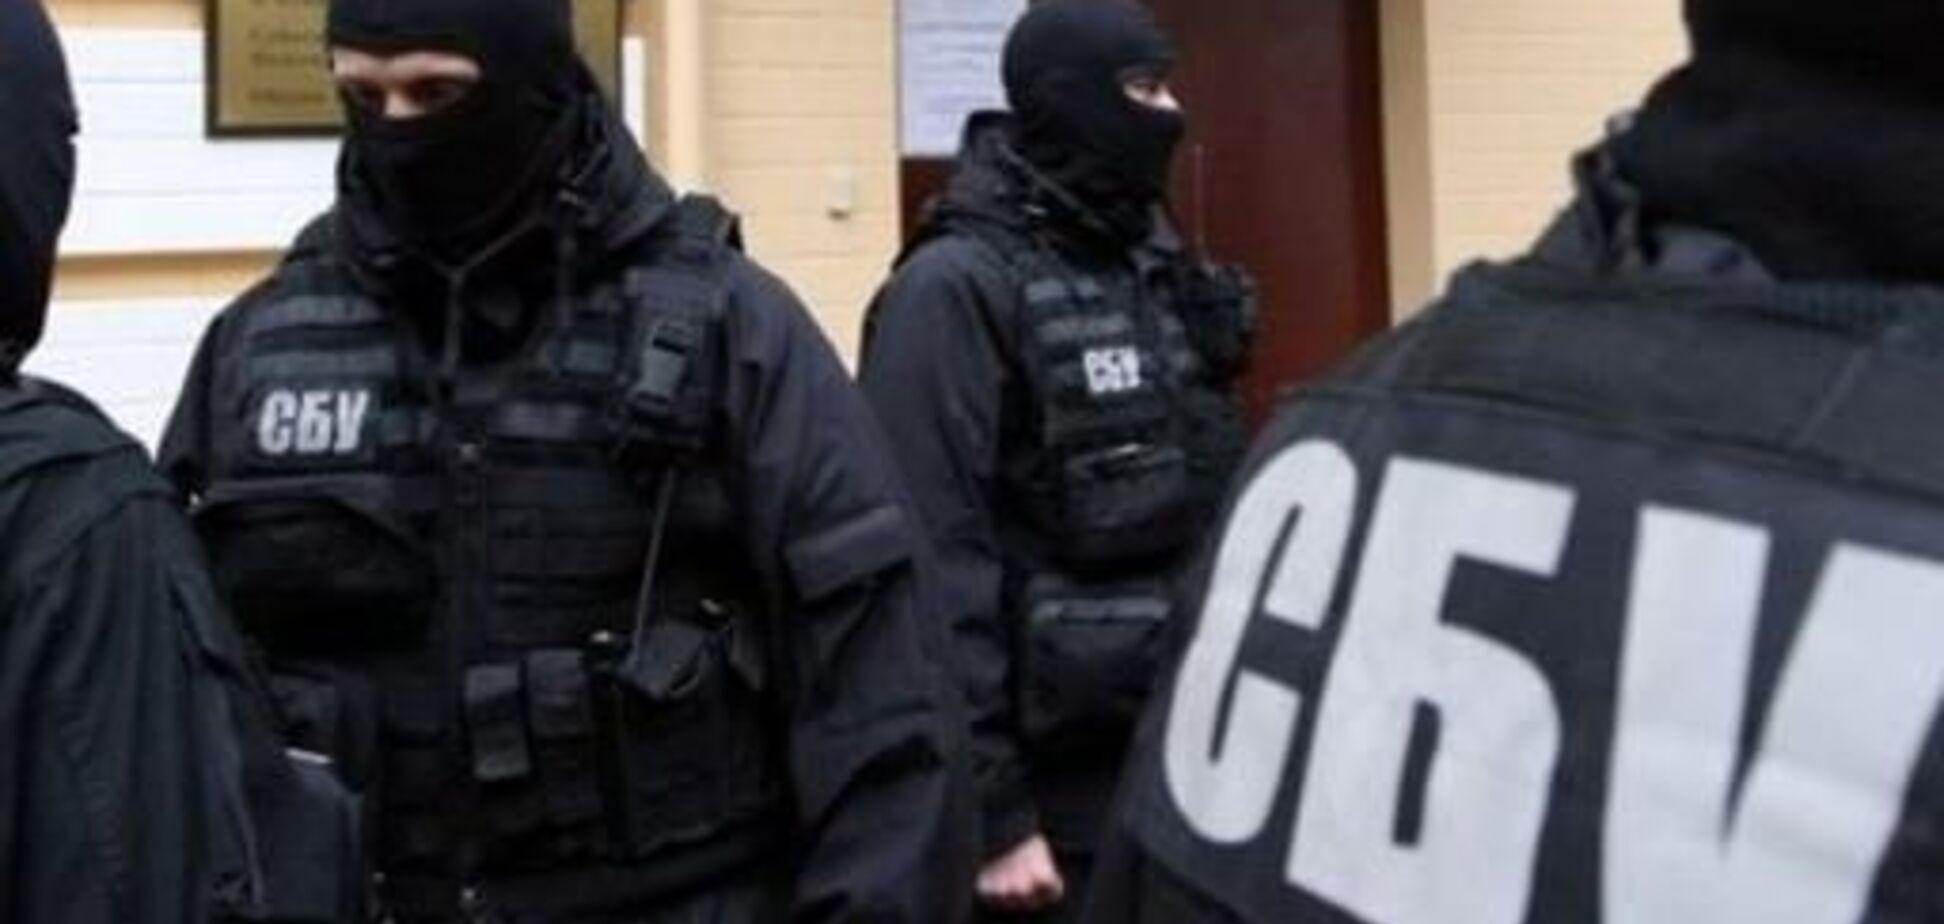 Лив бруд на Україну: СБУ нагрянула до скандального журналіста